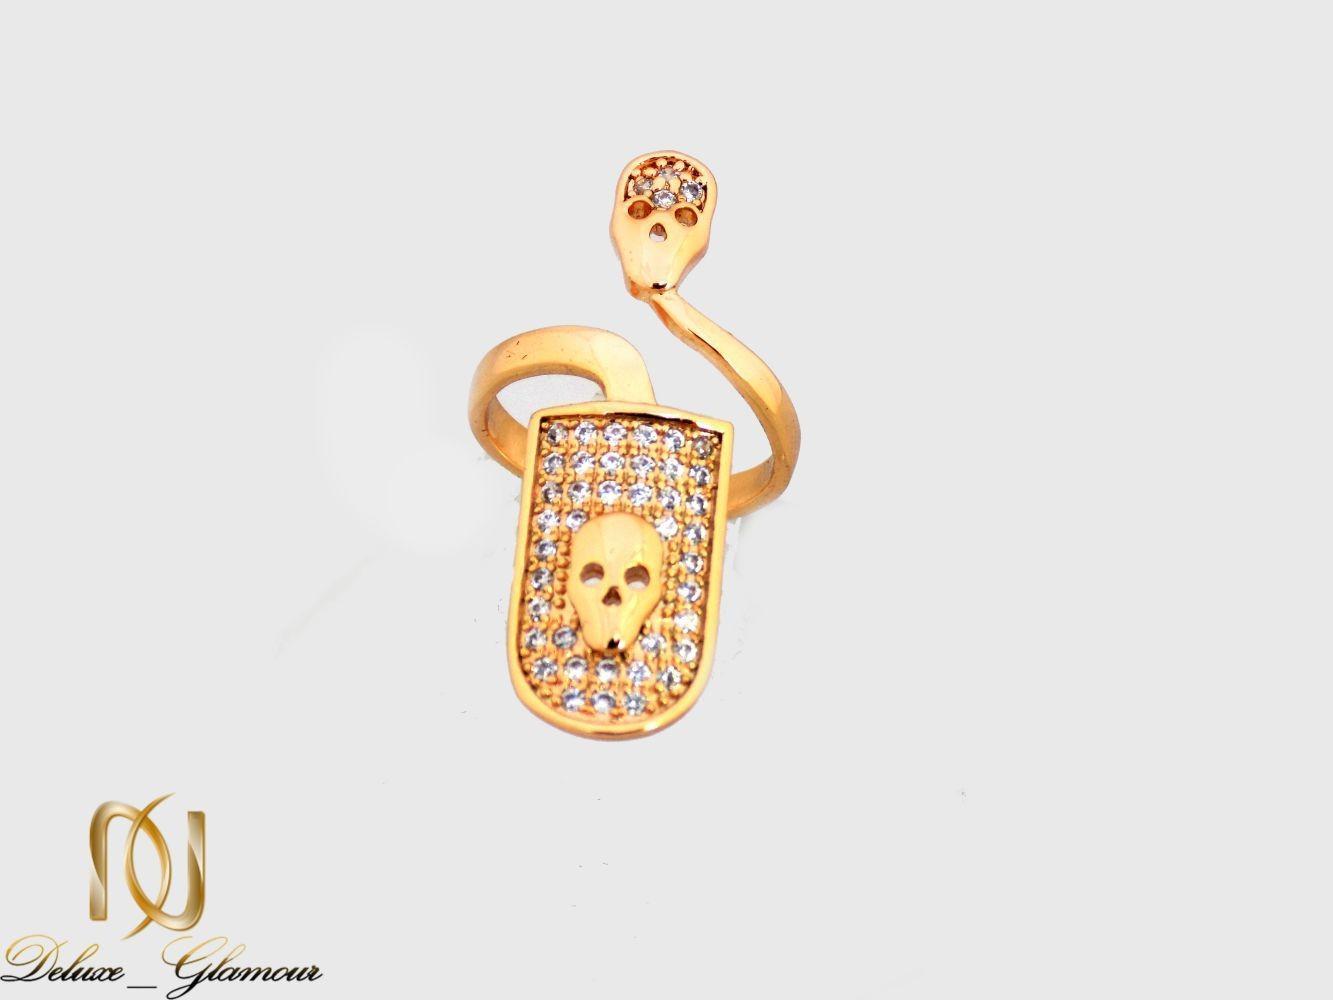 انگشتر روناخنی ژوپینگ طلایی با نگین زیرکونیا rg-n269 از نمای دور